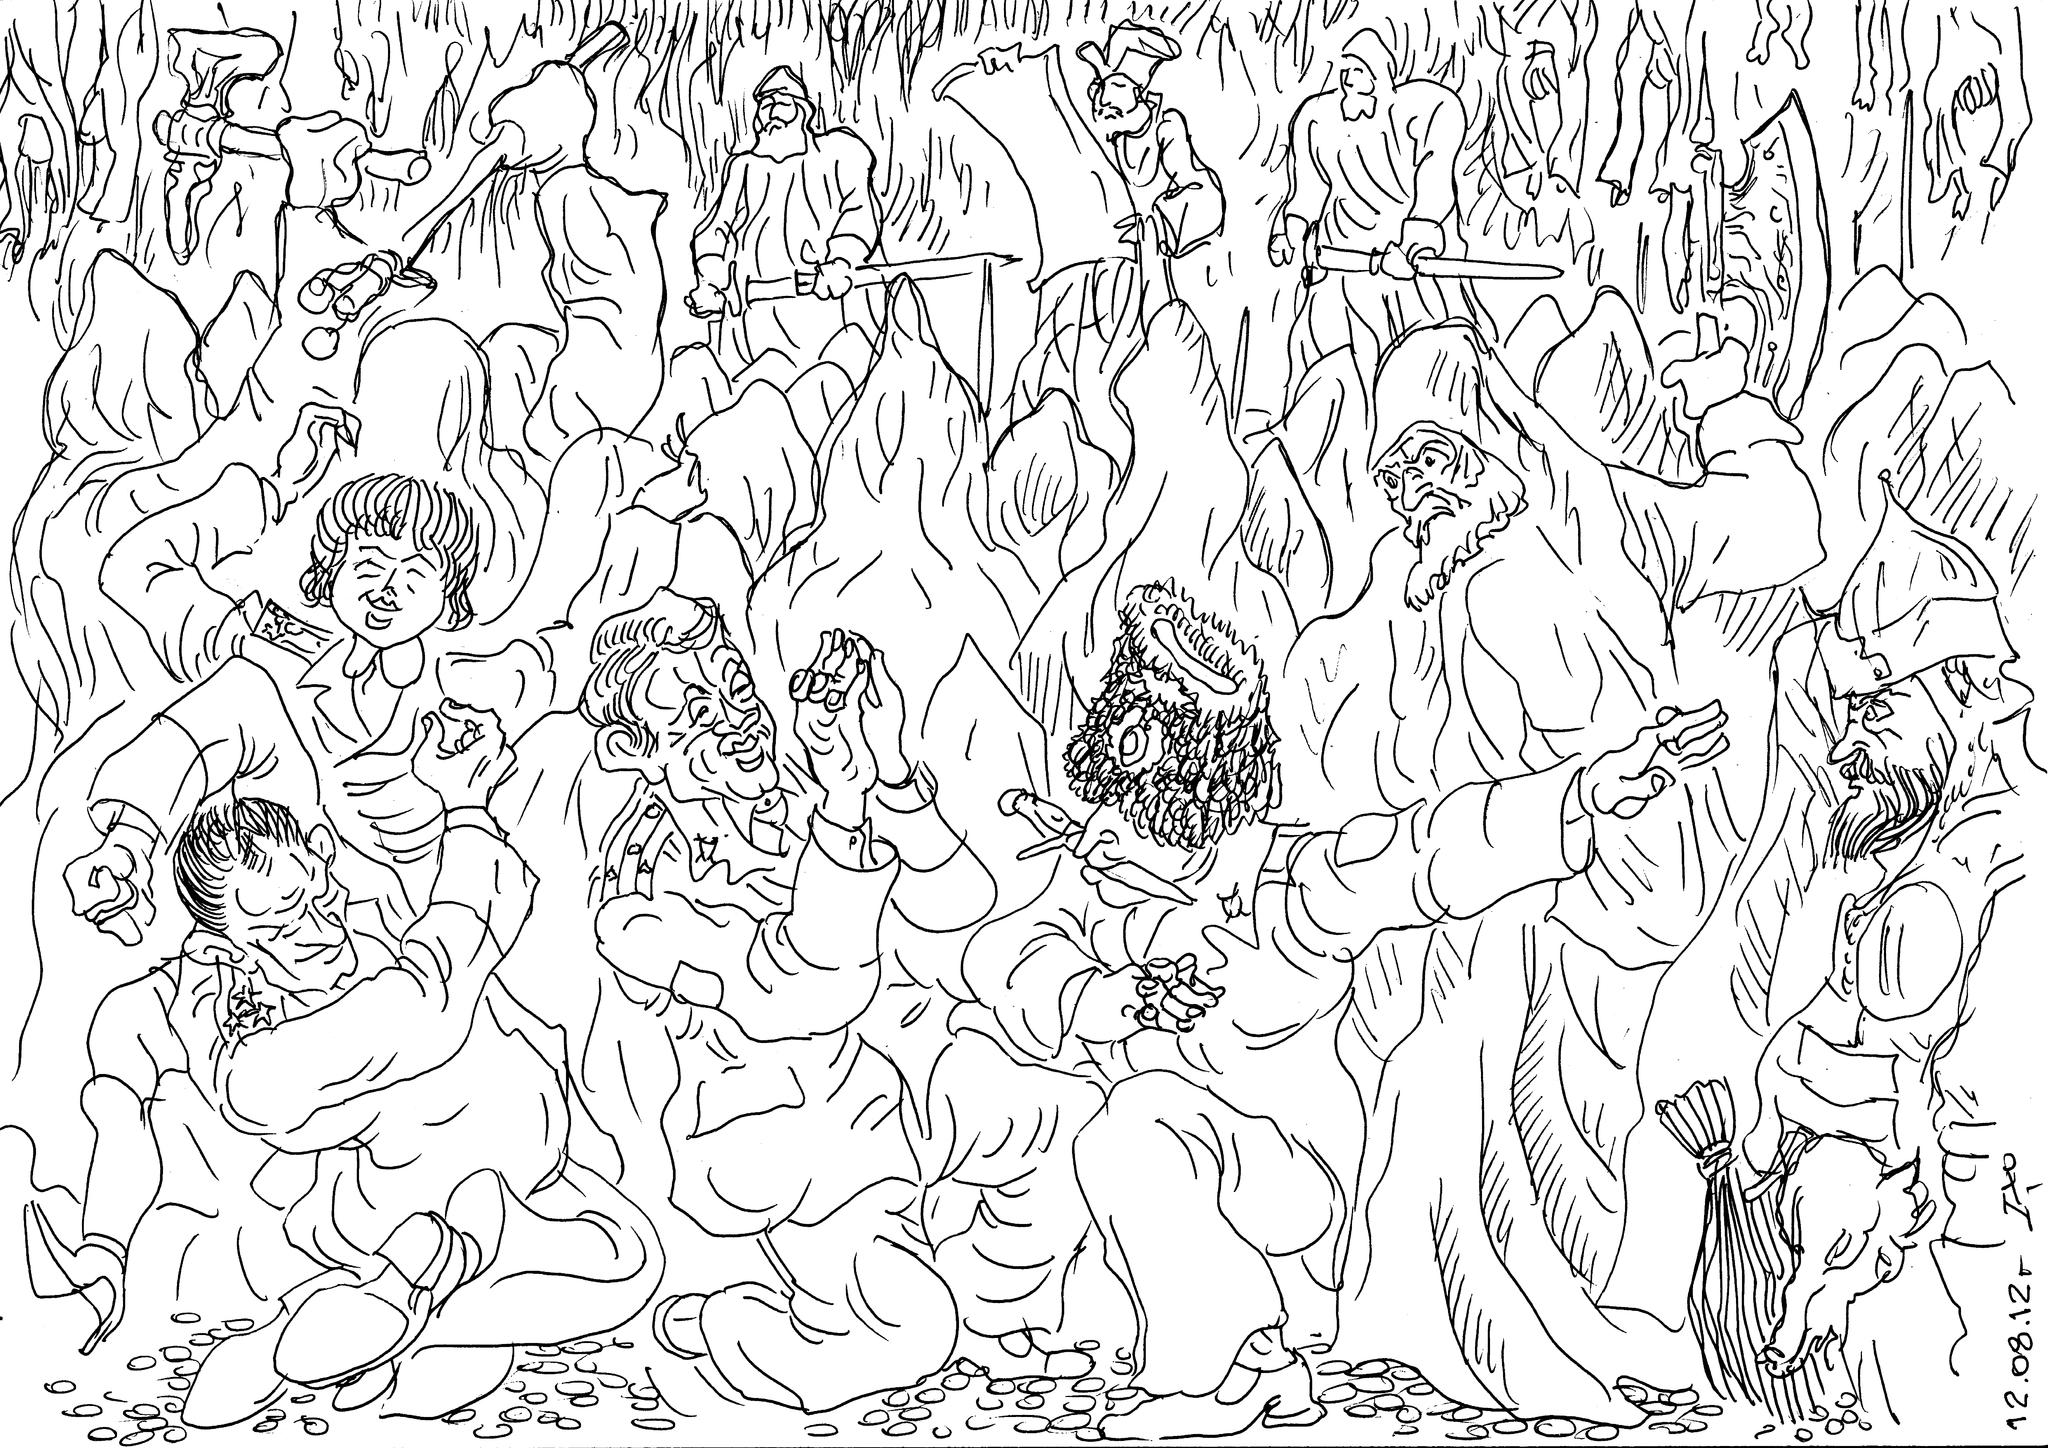 «Малюта Скуратов читает Указ Царя Ивана Васильевича Грозного о высочайшем дозволении опричникам грабить и убивать, пытать и рвать земщину»